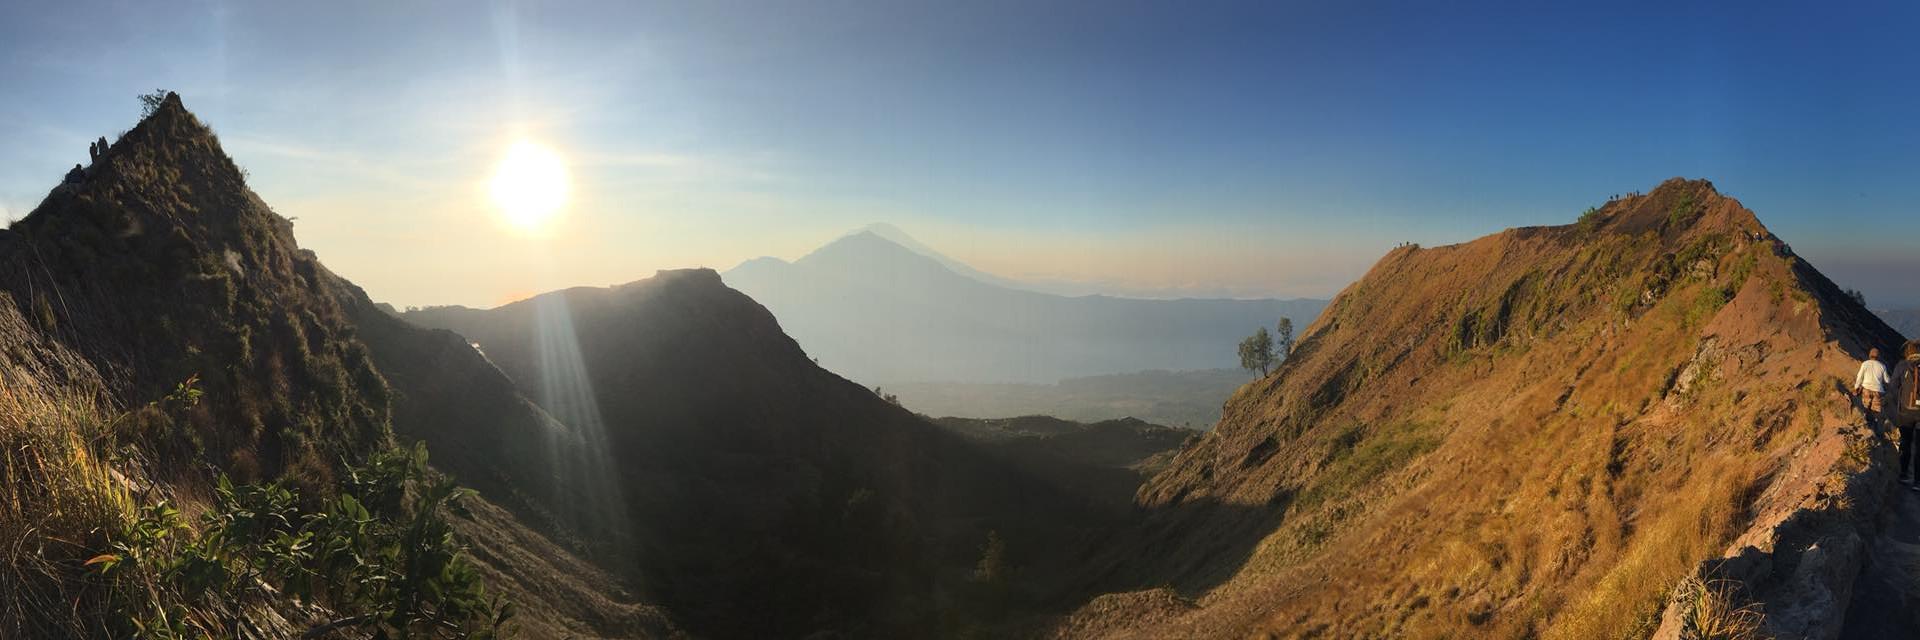 Sunrise Volcano Hike Bali.jpg